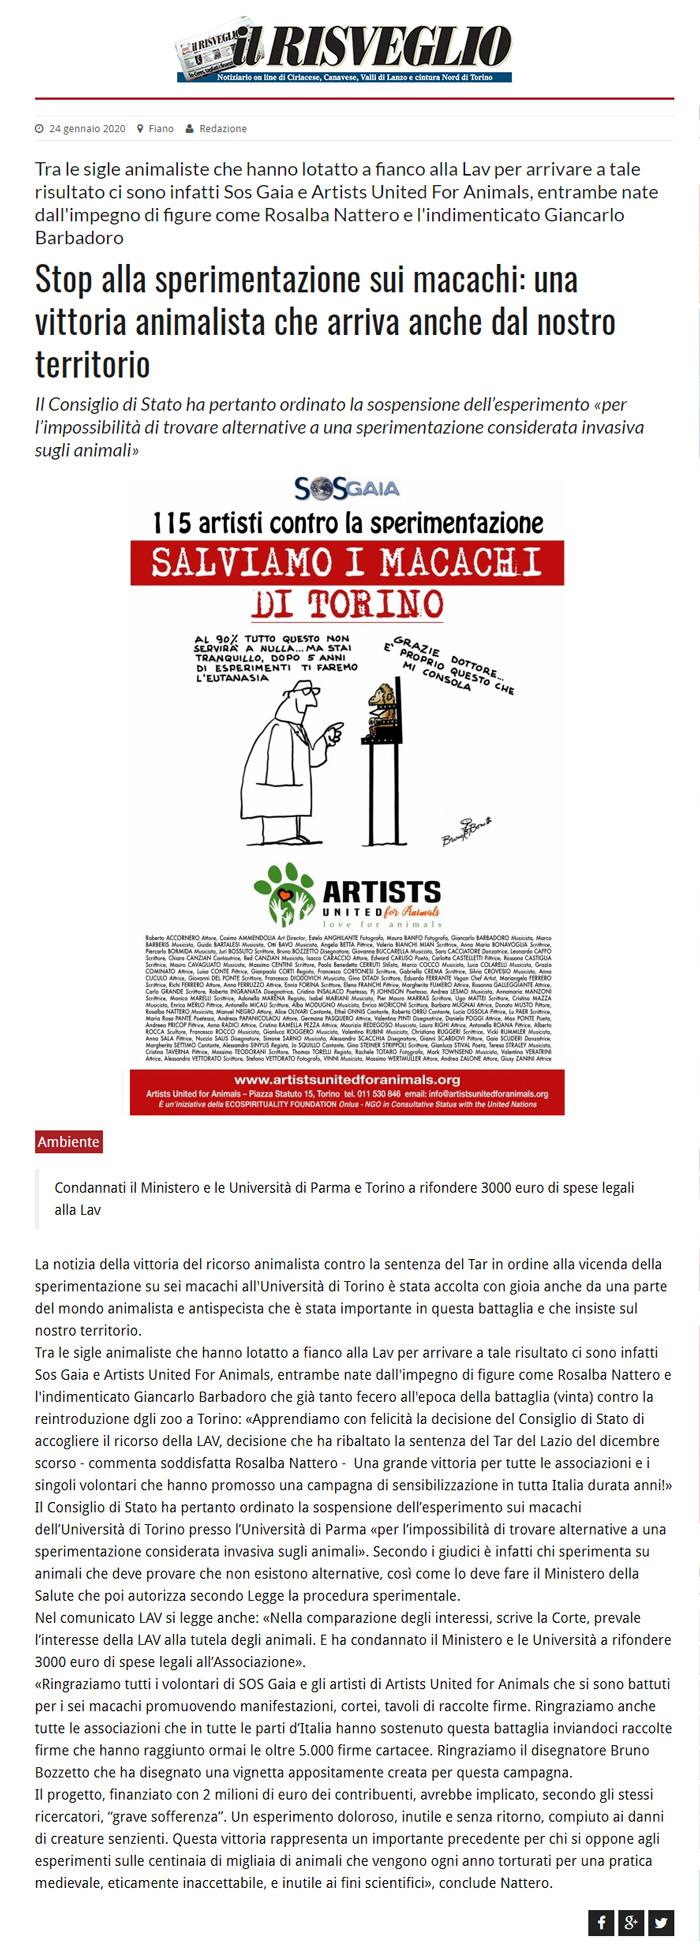 il-risveglio-24-01-2020-Stop-alla-sperimentazione-sui-macachi